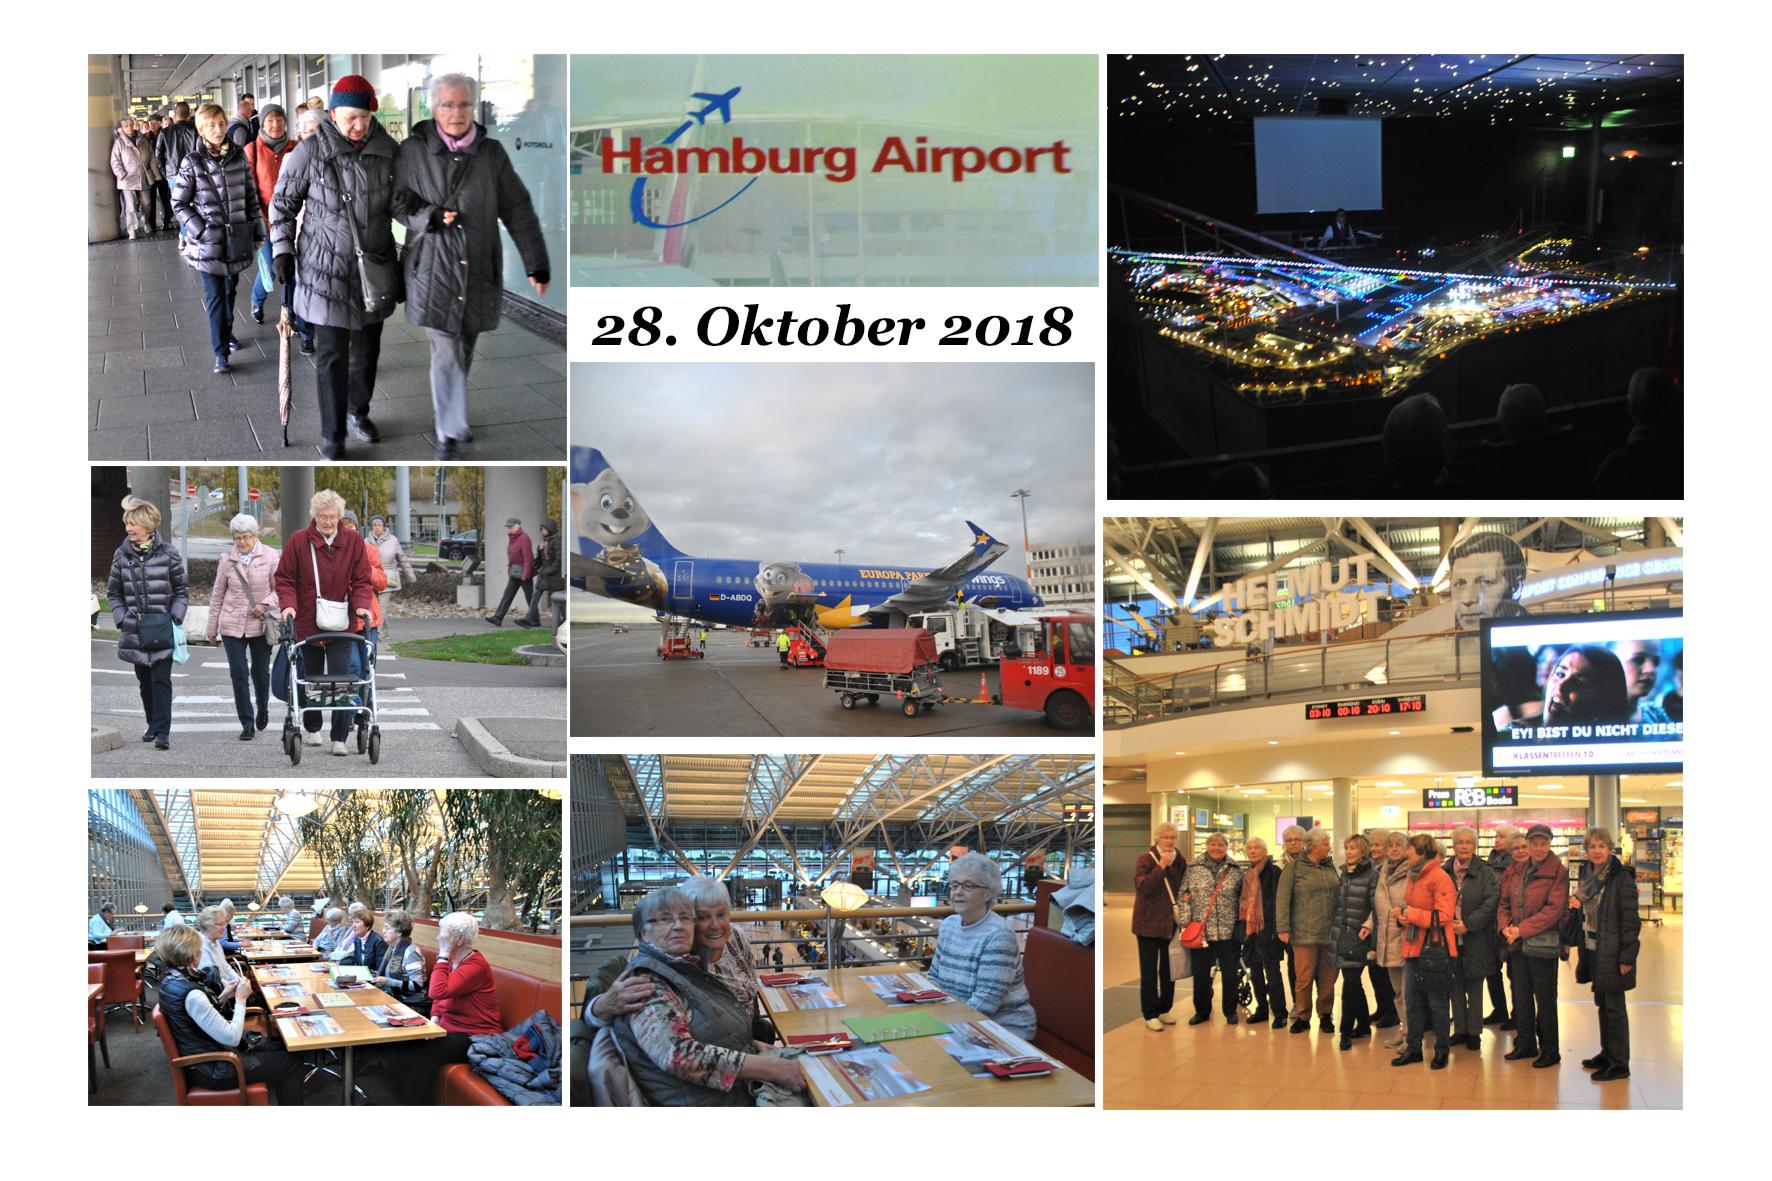 NeNo/Glashütte 2: Airport Hamburg, 28.10.2018 (Fotos: Tom)